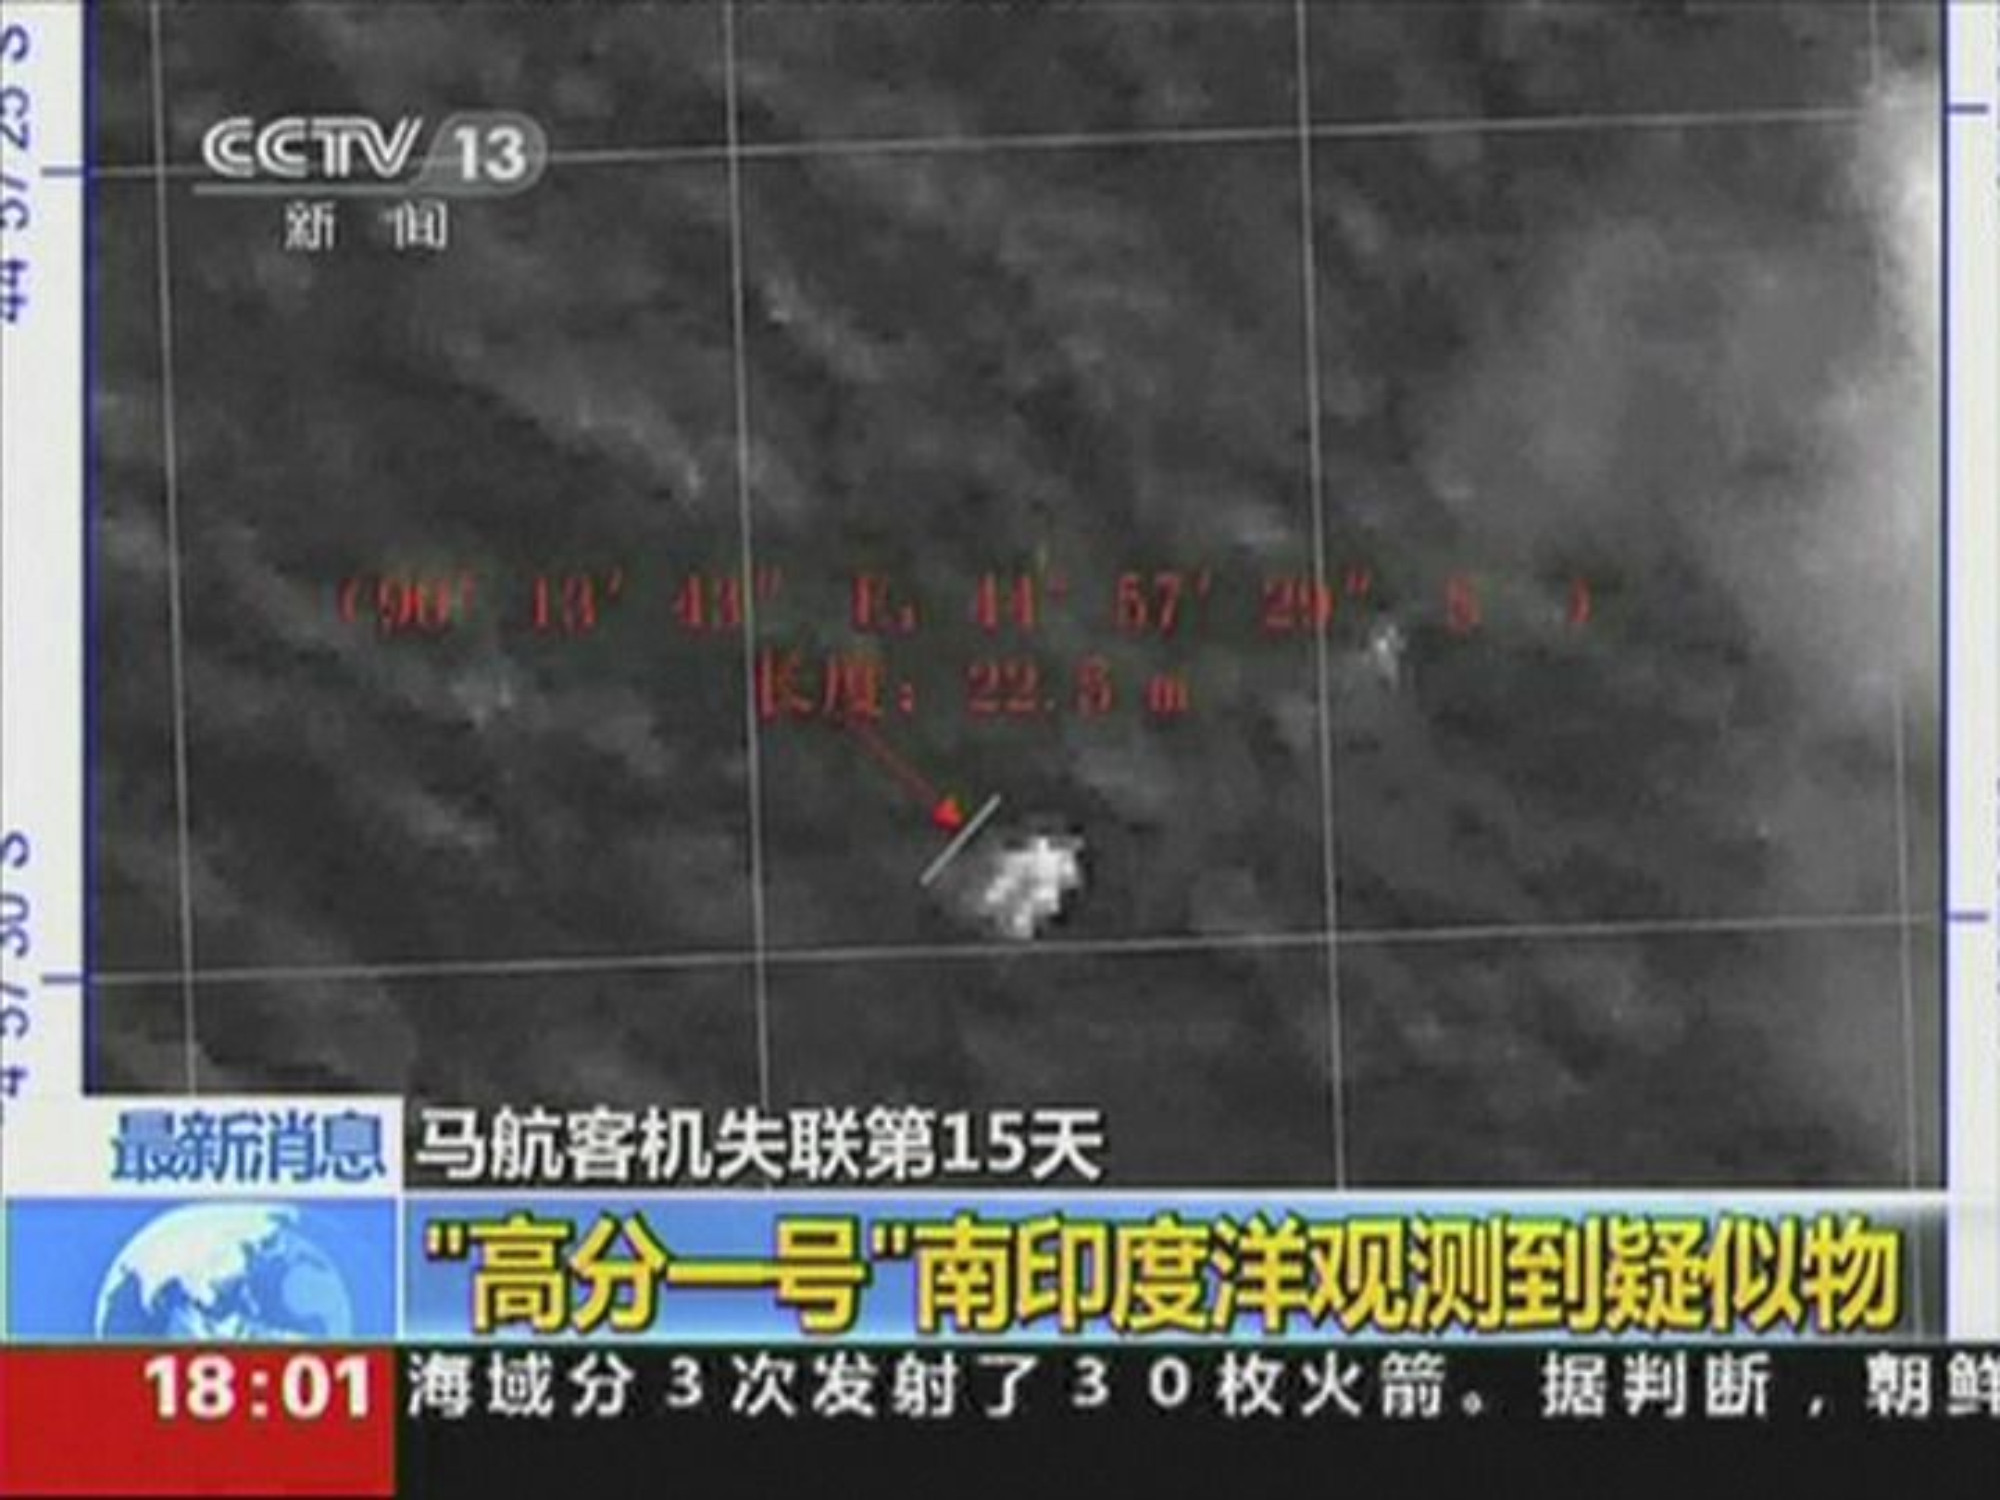 Kinesiske satelitter har oppdaget en flytende gjenstand i Indiahavet. Gjenstanden kan stamme fra det savnede malaysiske flyetOUT. NO COMMERCIAL OR EDITORIAL SALES IN CHINA. NO COMMERCIAL USE